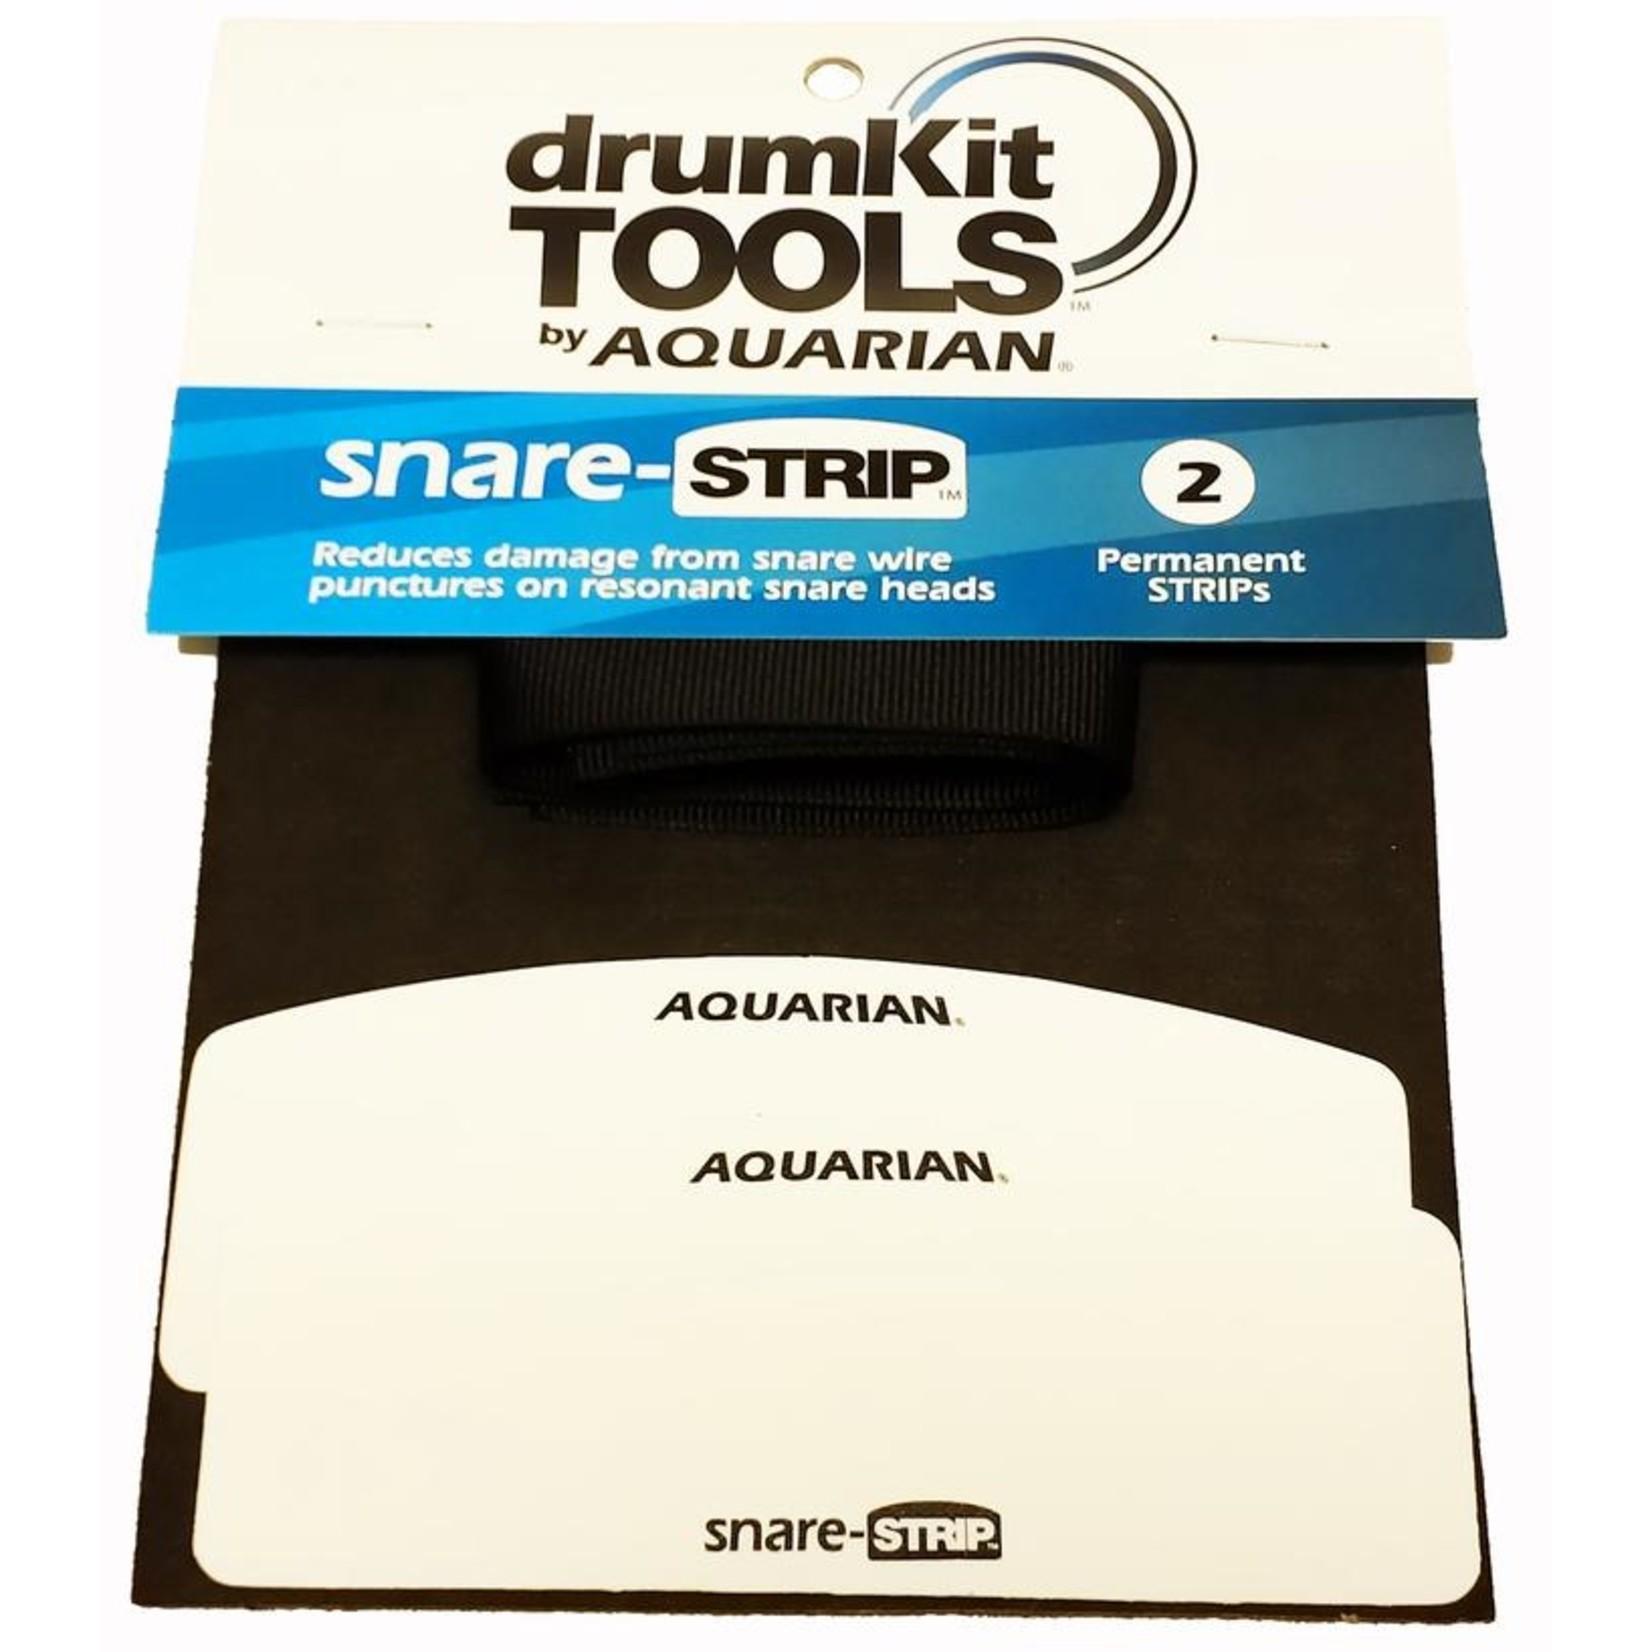 Aquarian Aquarian snare-STRIP